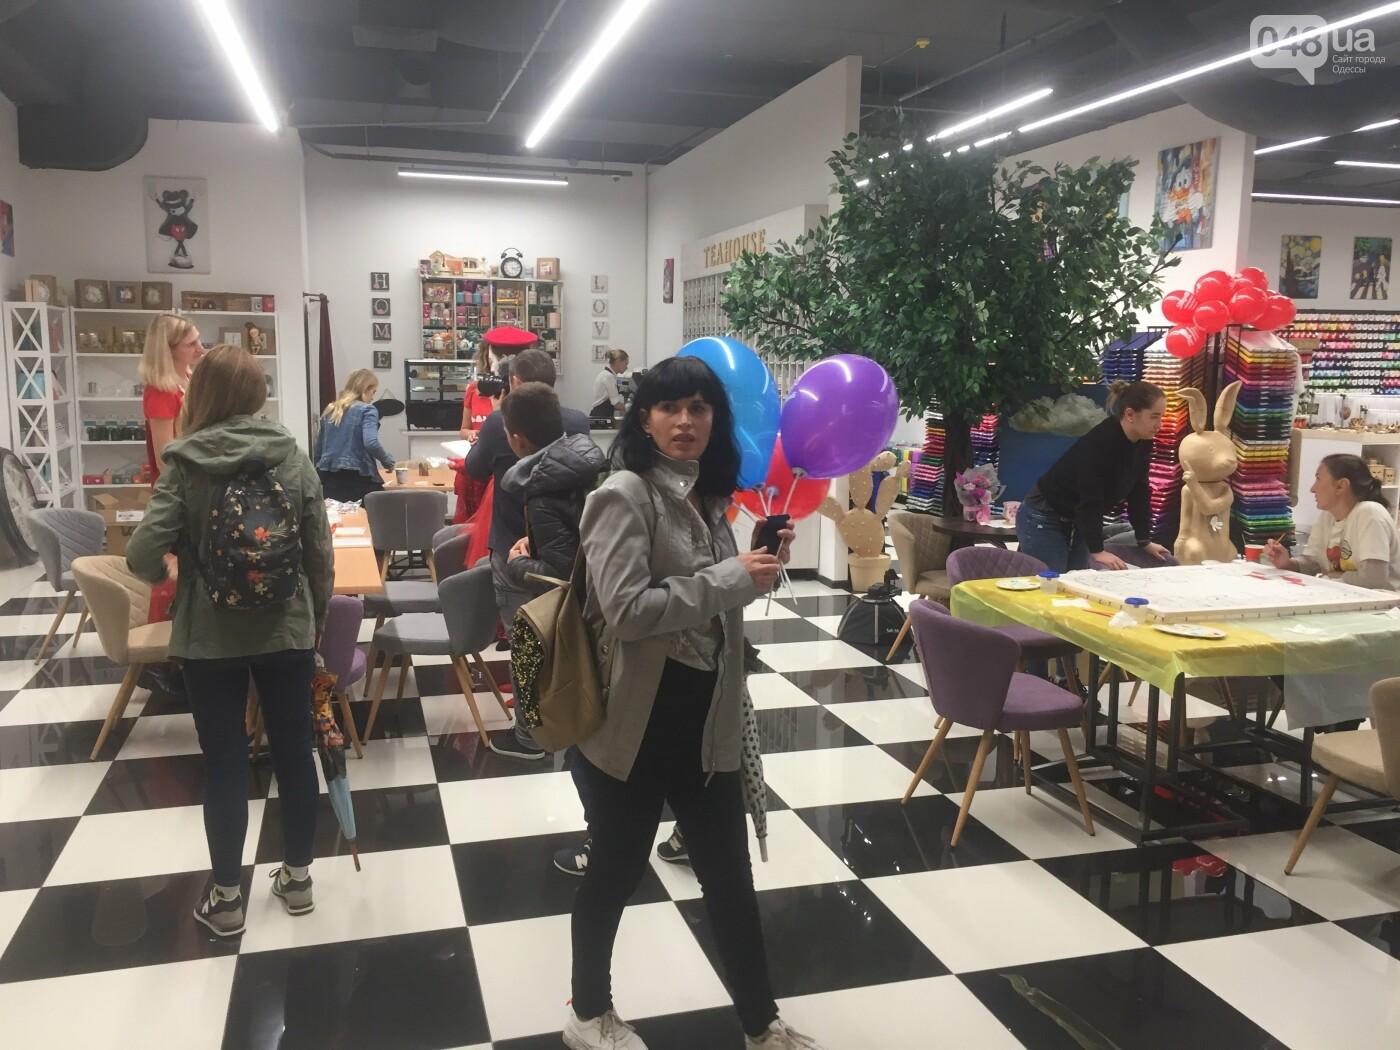 В Одессе состоялось открытие Creative Mall: уникальный формат супермаркета канцтоваров становится ближе , фото-4